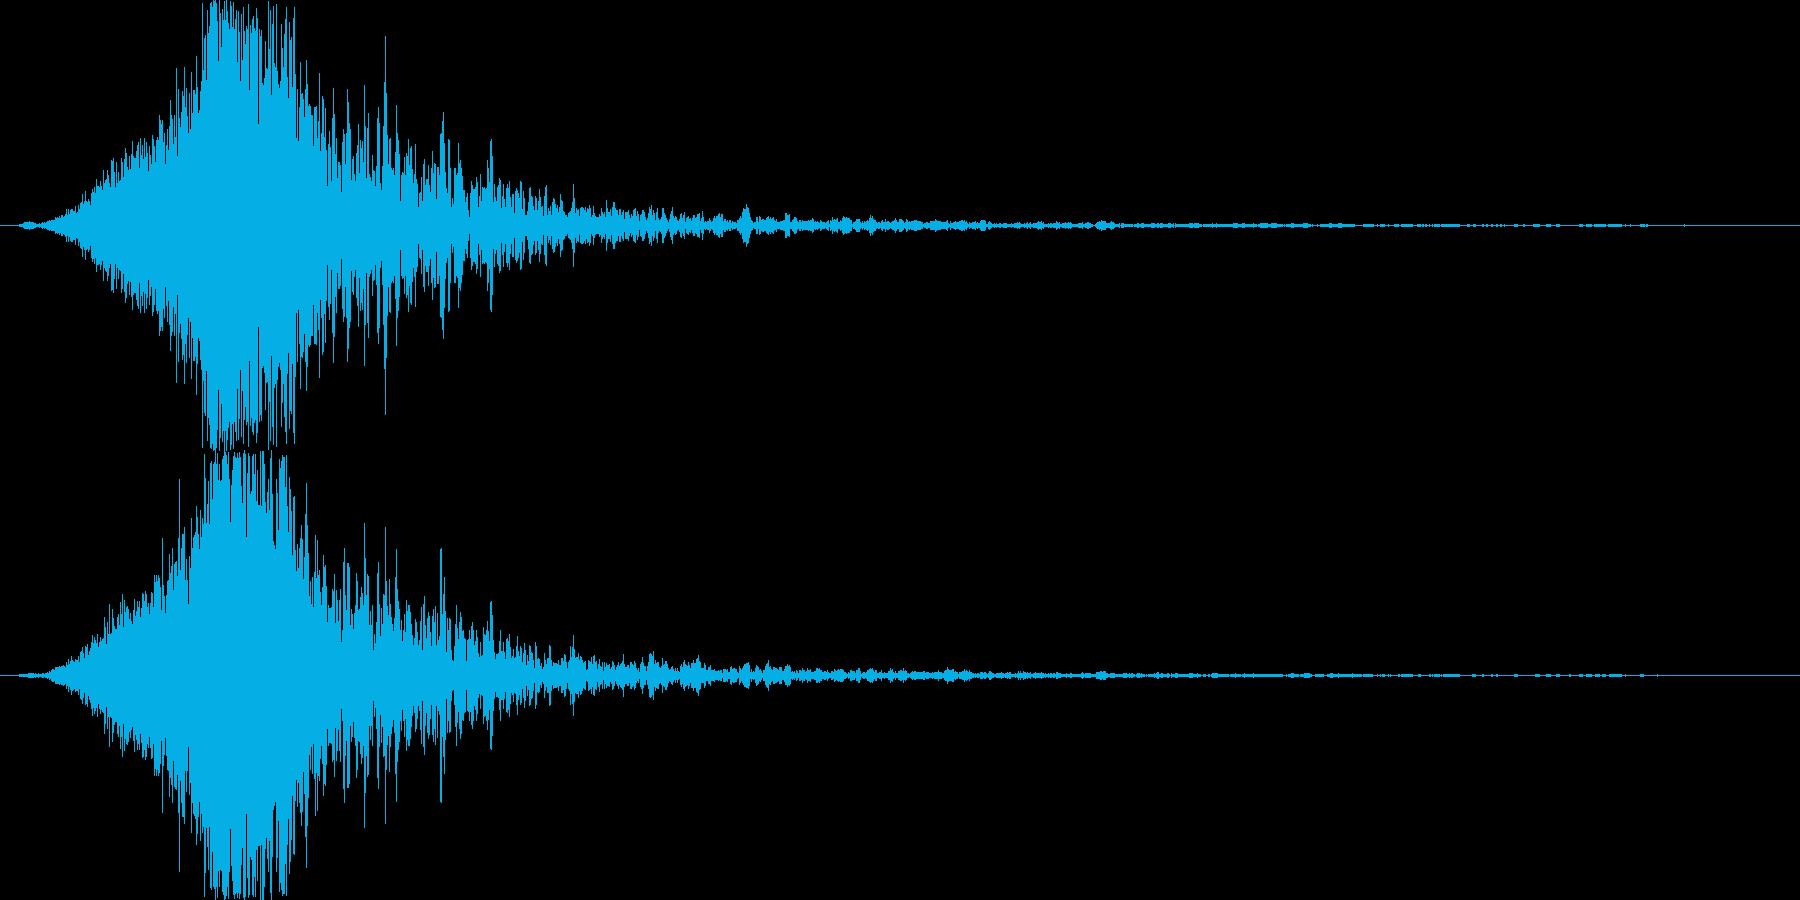 裂けるような破裂音の再生済みの波形